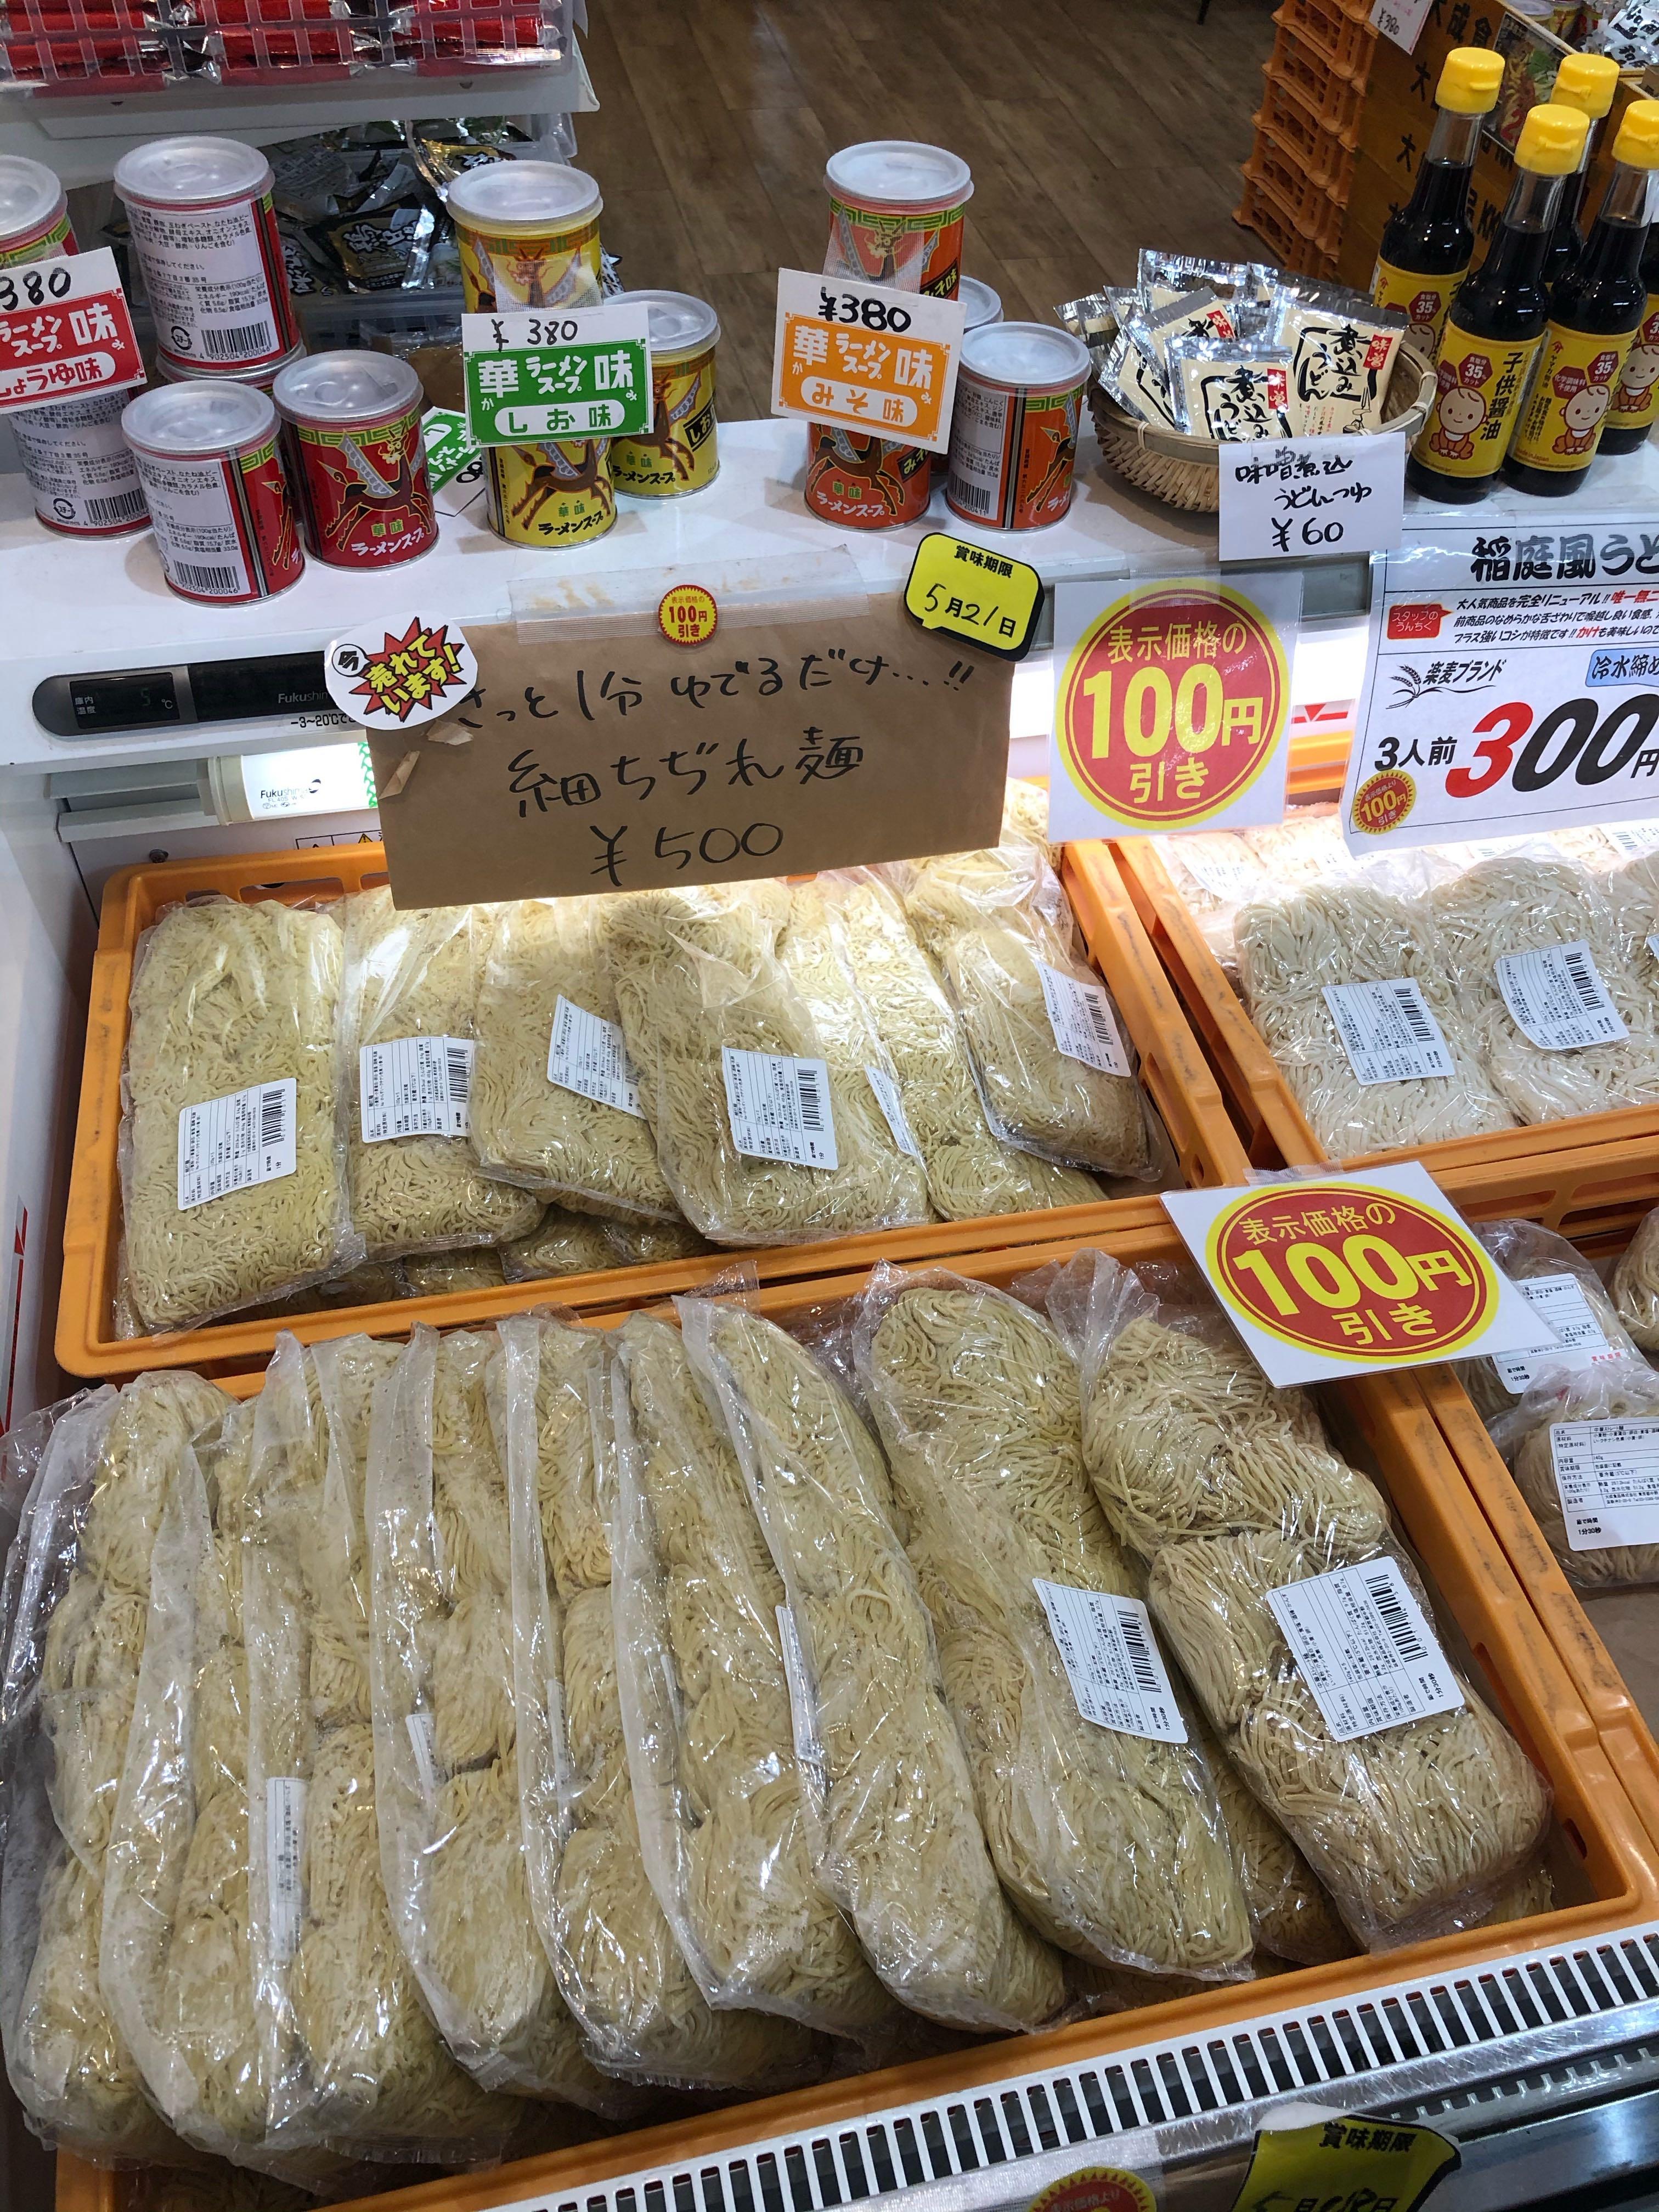 5月11日 麺市場 正面冷蔵ケース